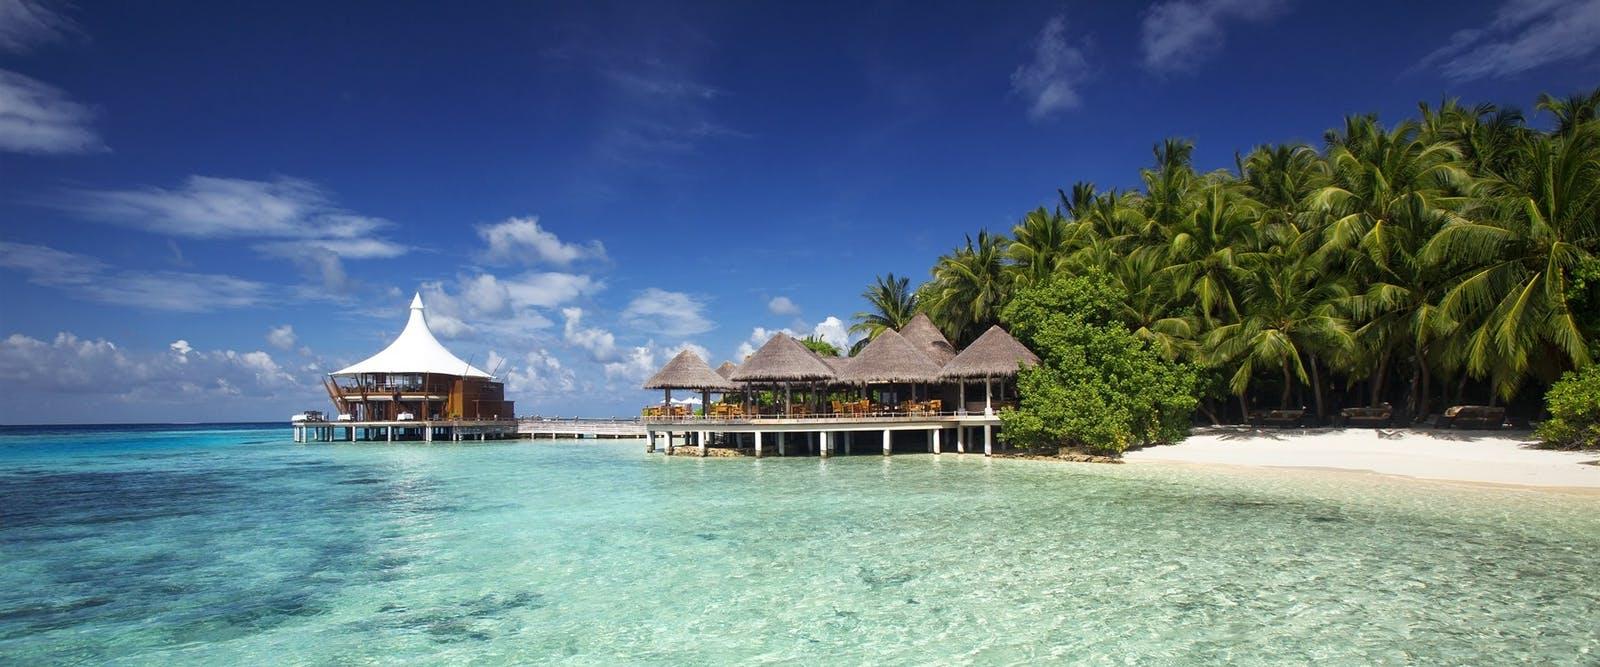 هتل  باروس مالدیو، لوکسترین هتل جهان به انتخاب مسافران